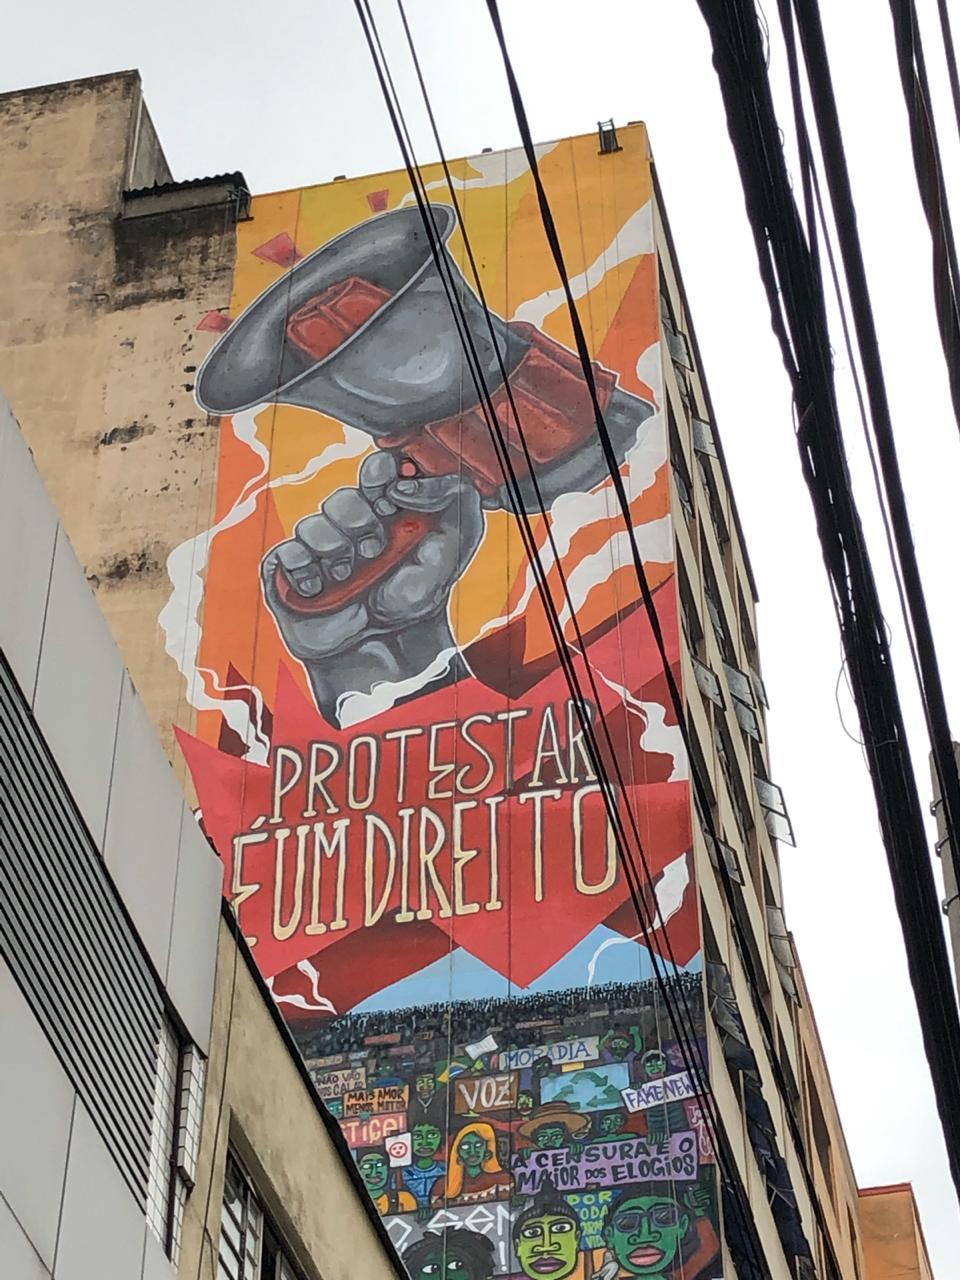 Contemplados Do Edital: 6. Iskor + Mundano – São Paulo (SP)